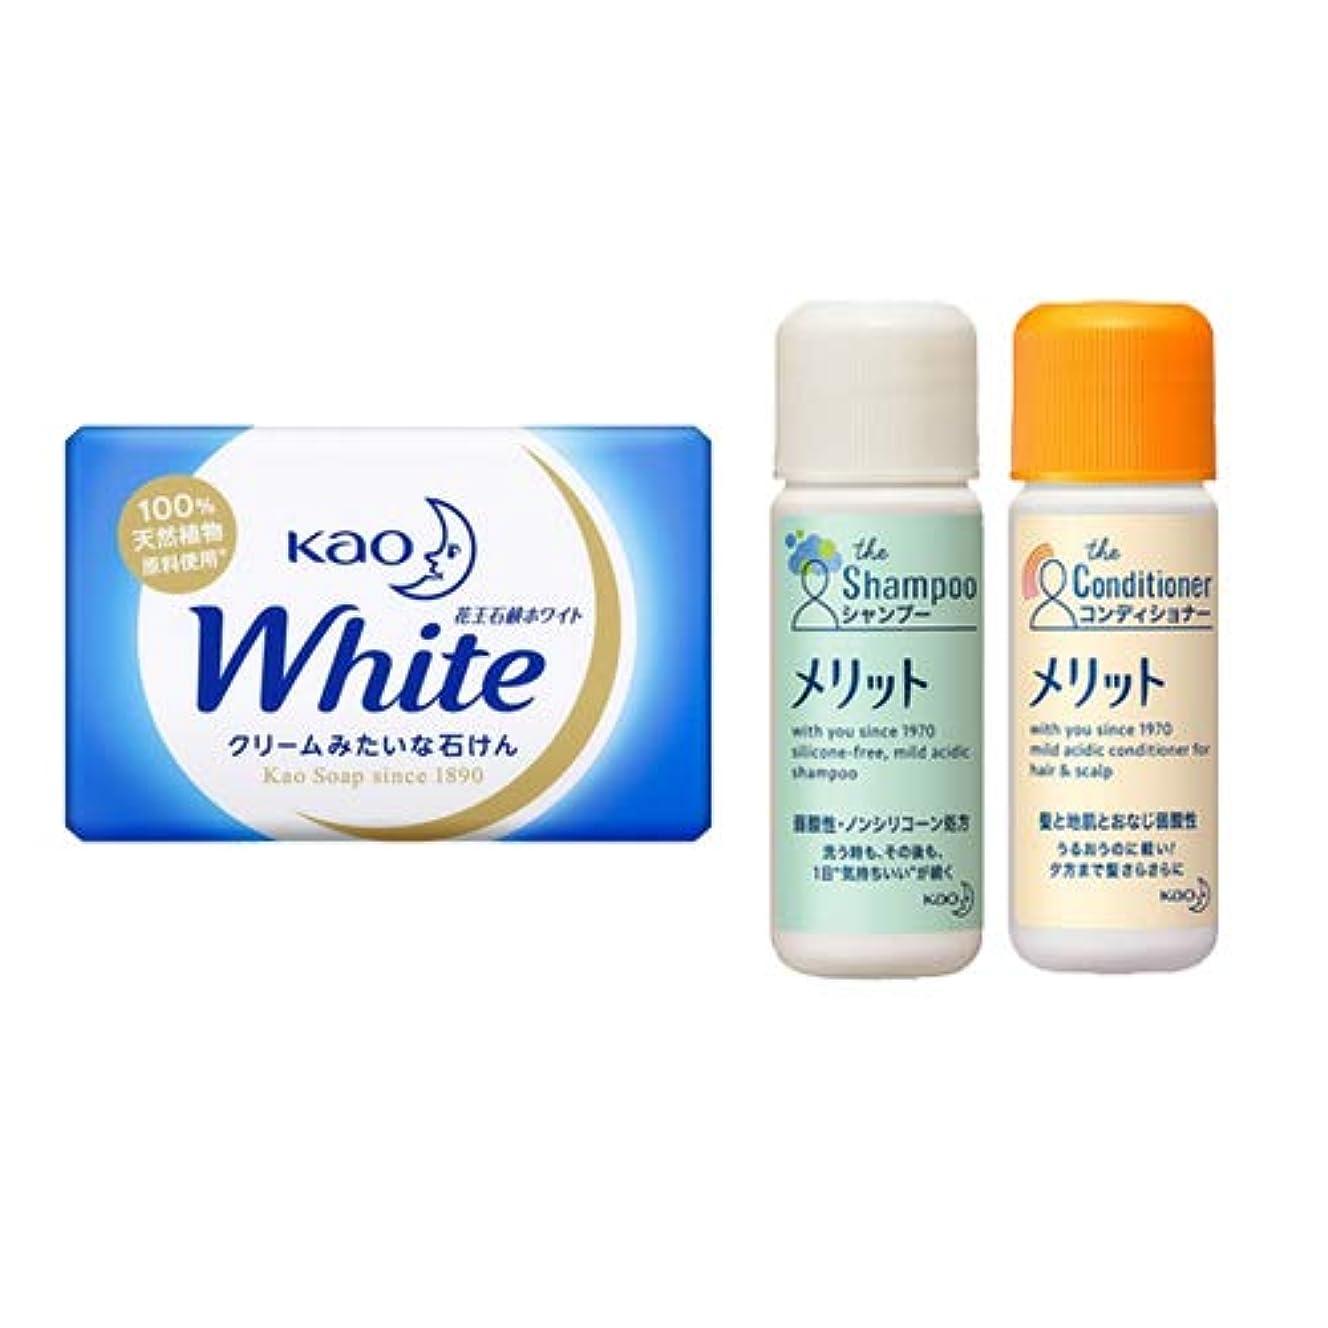 コマース救出に賛成花王(KAO) 石鹸ホワイト(Kao Soap White) 15g + メリットシャンプー 16ml + リンス 16ml セット